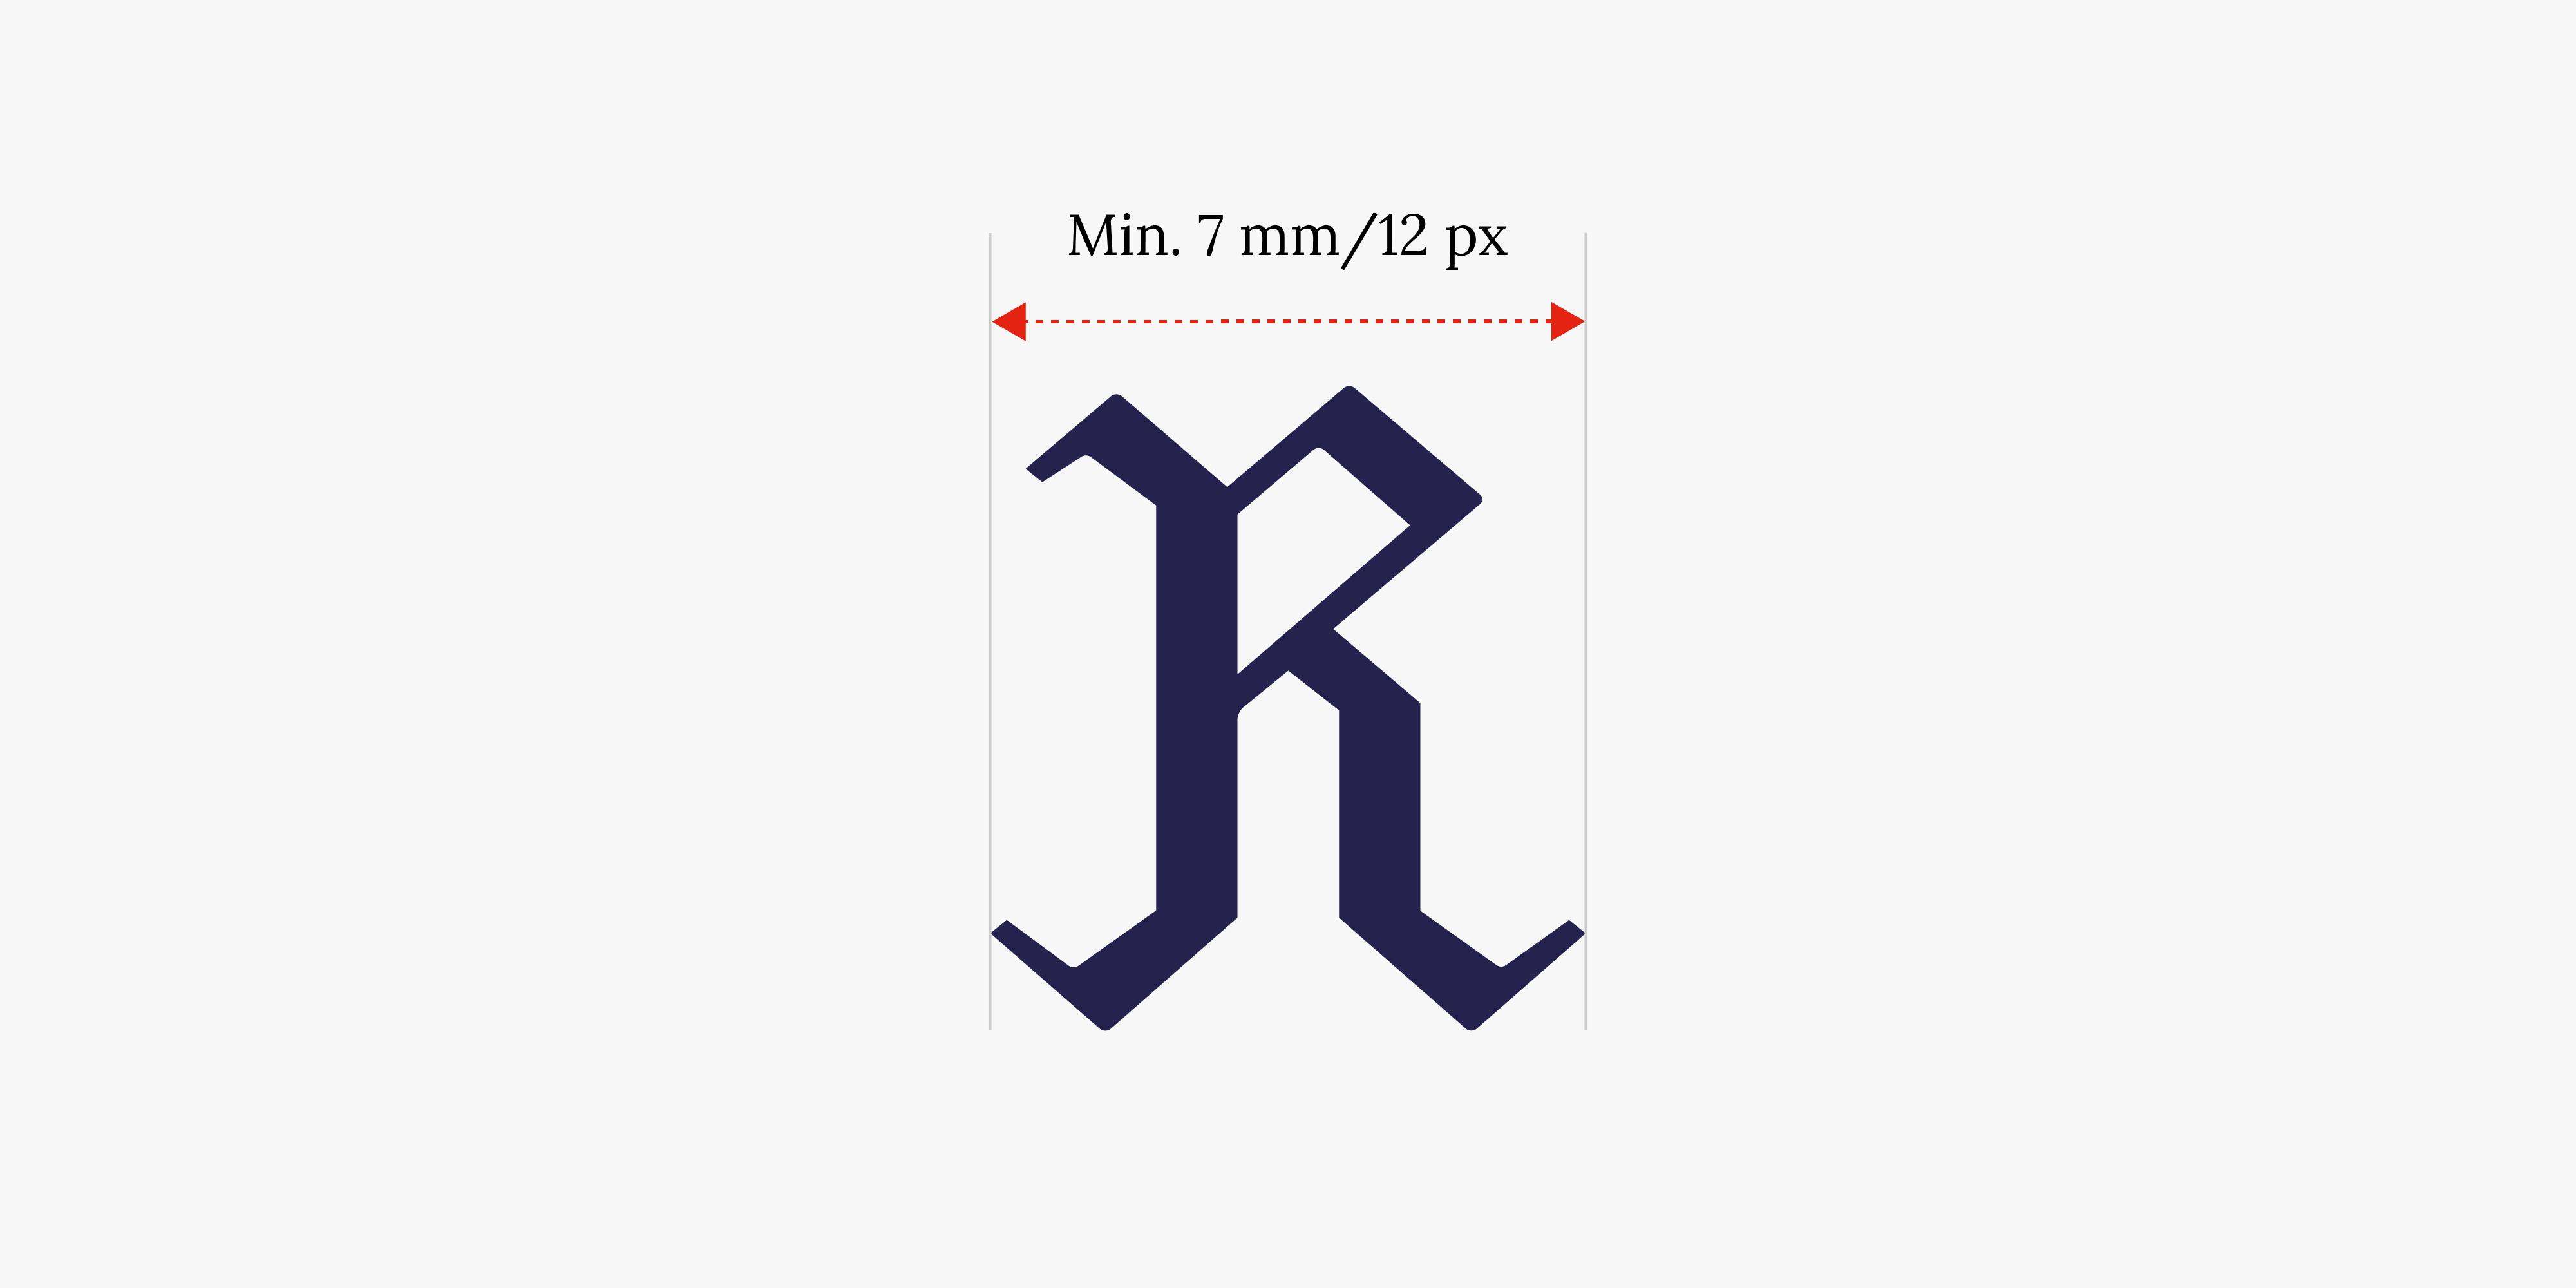 R-merkki minimikoko